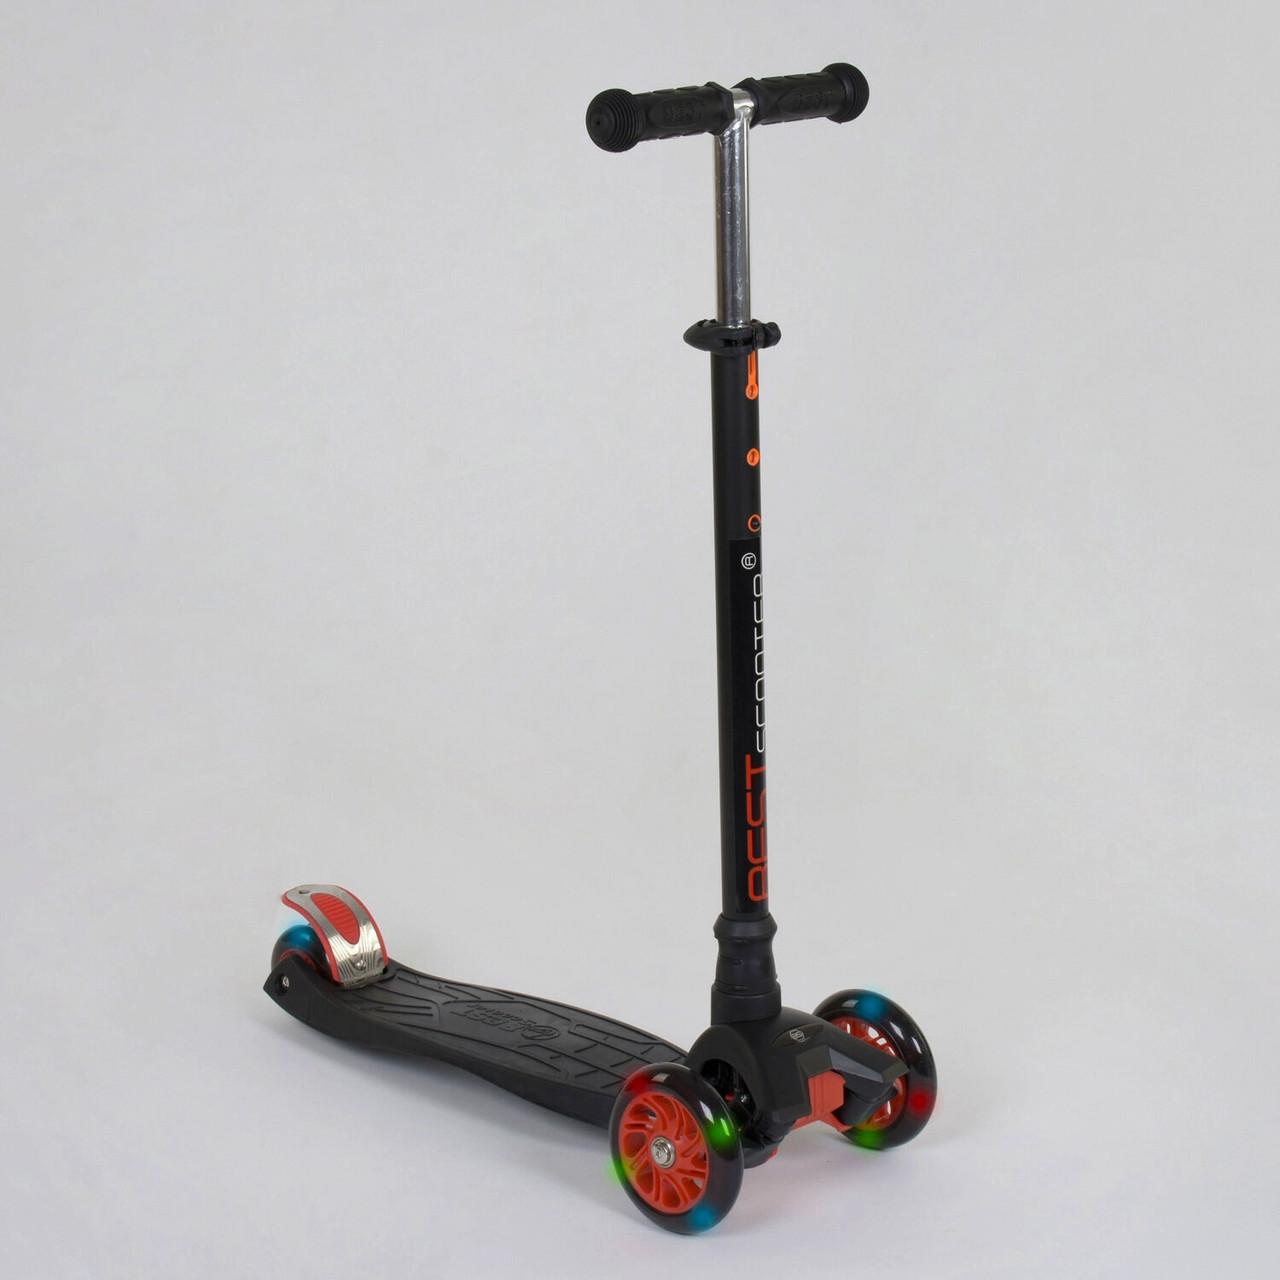 Самокат трехколесный Best Scooter Maxi 466-113 / А 24555 Черный